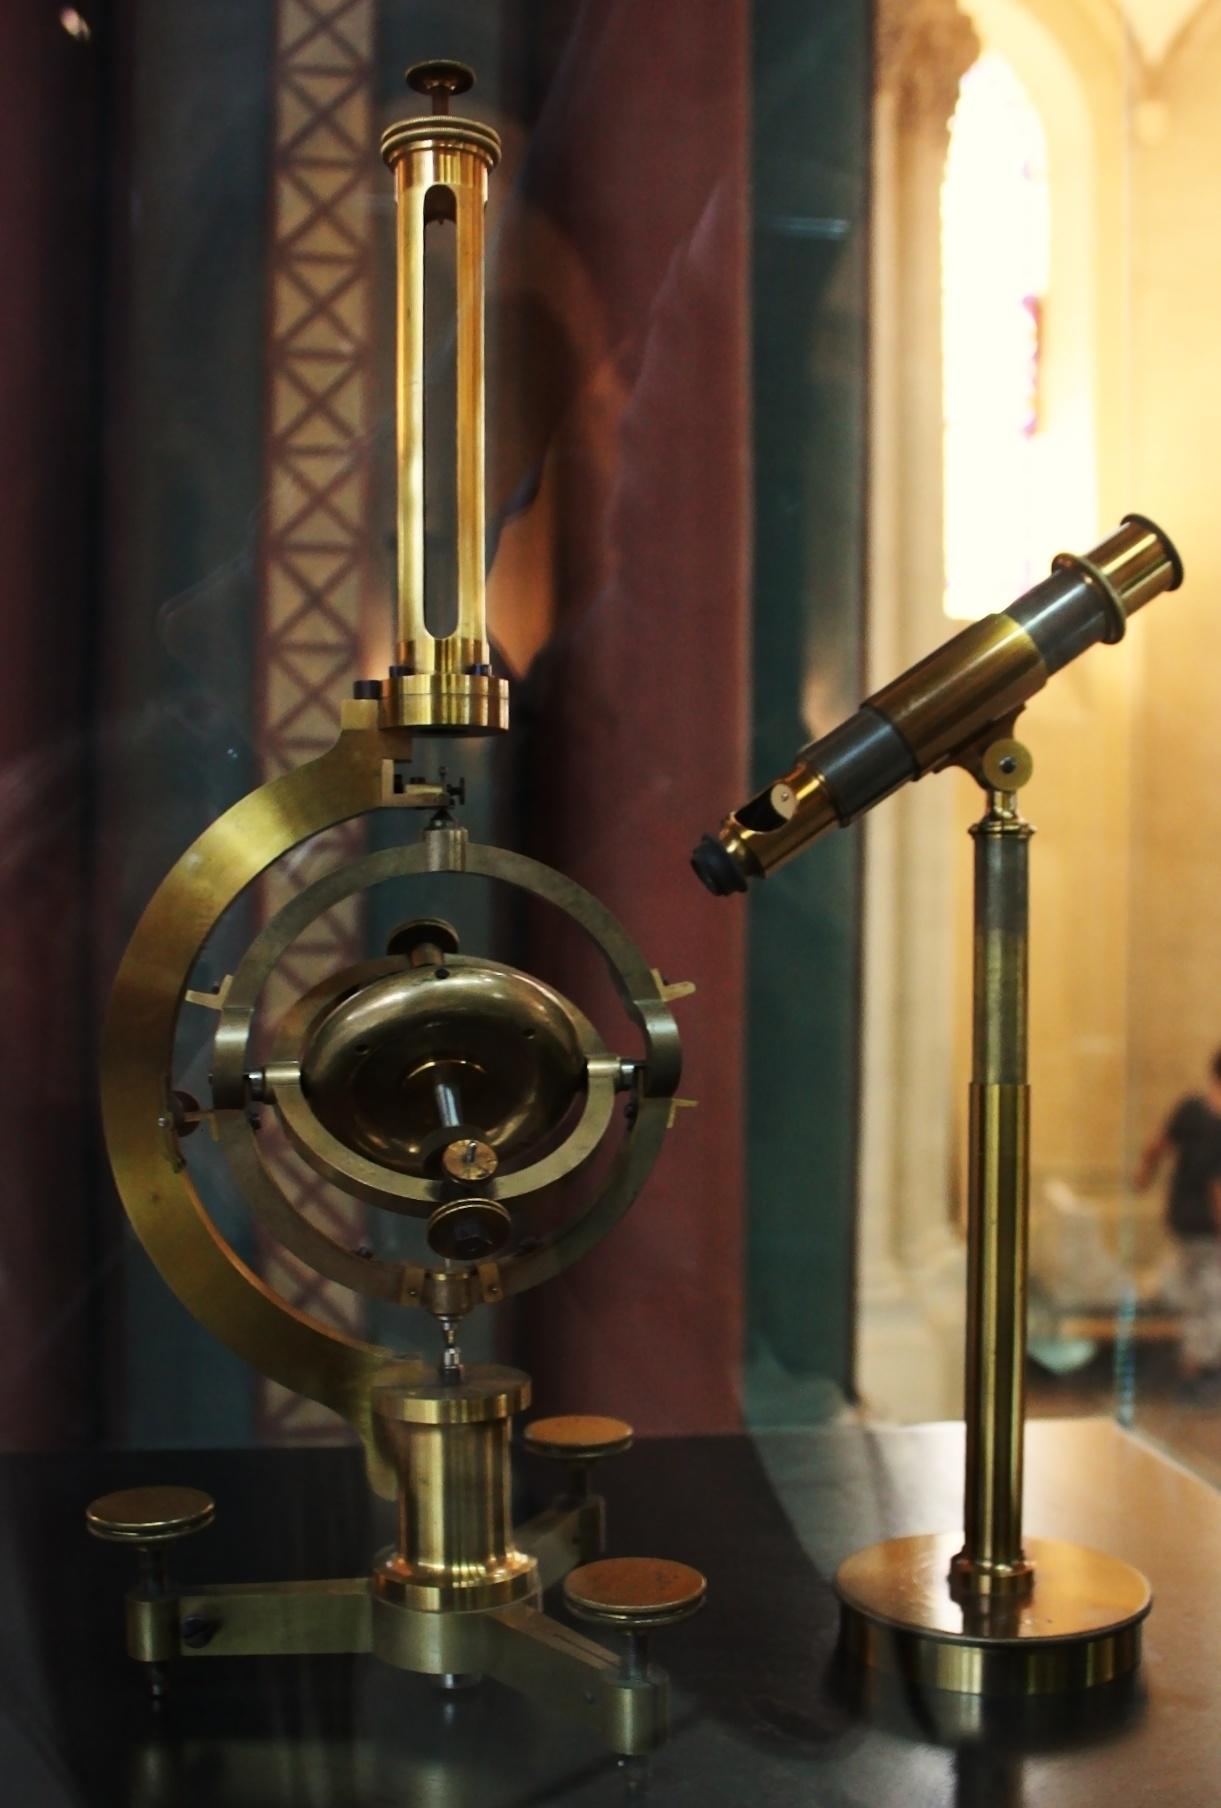 foucault gyroscope